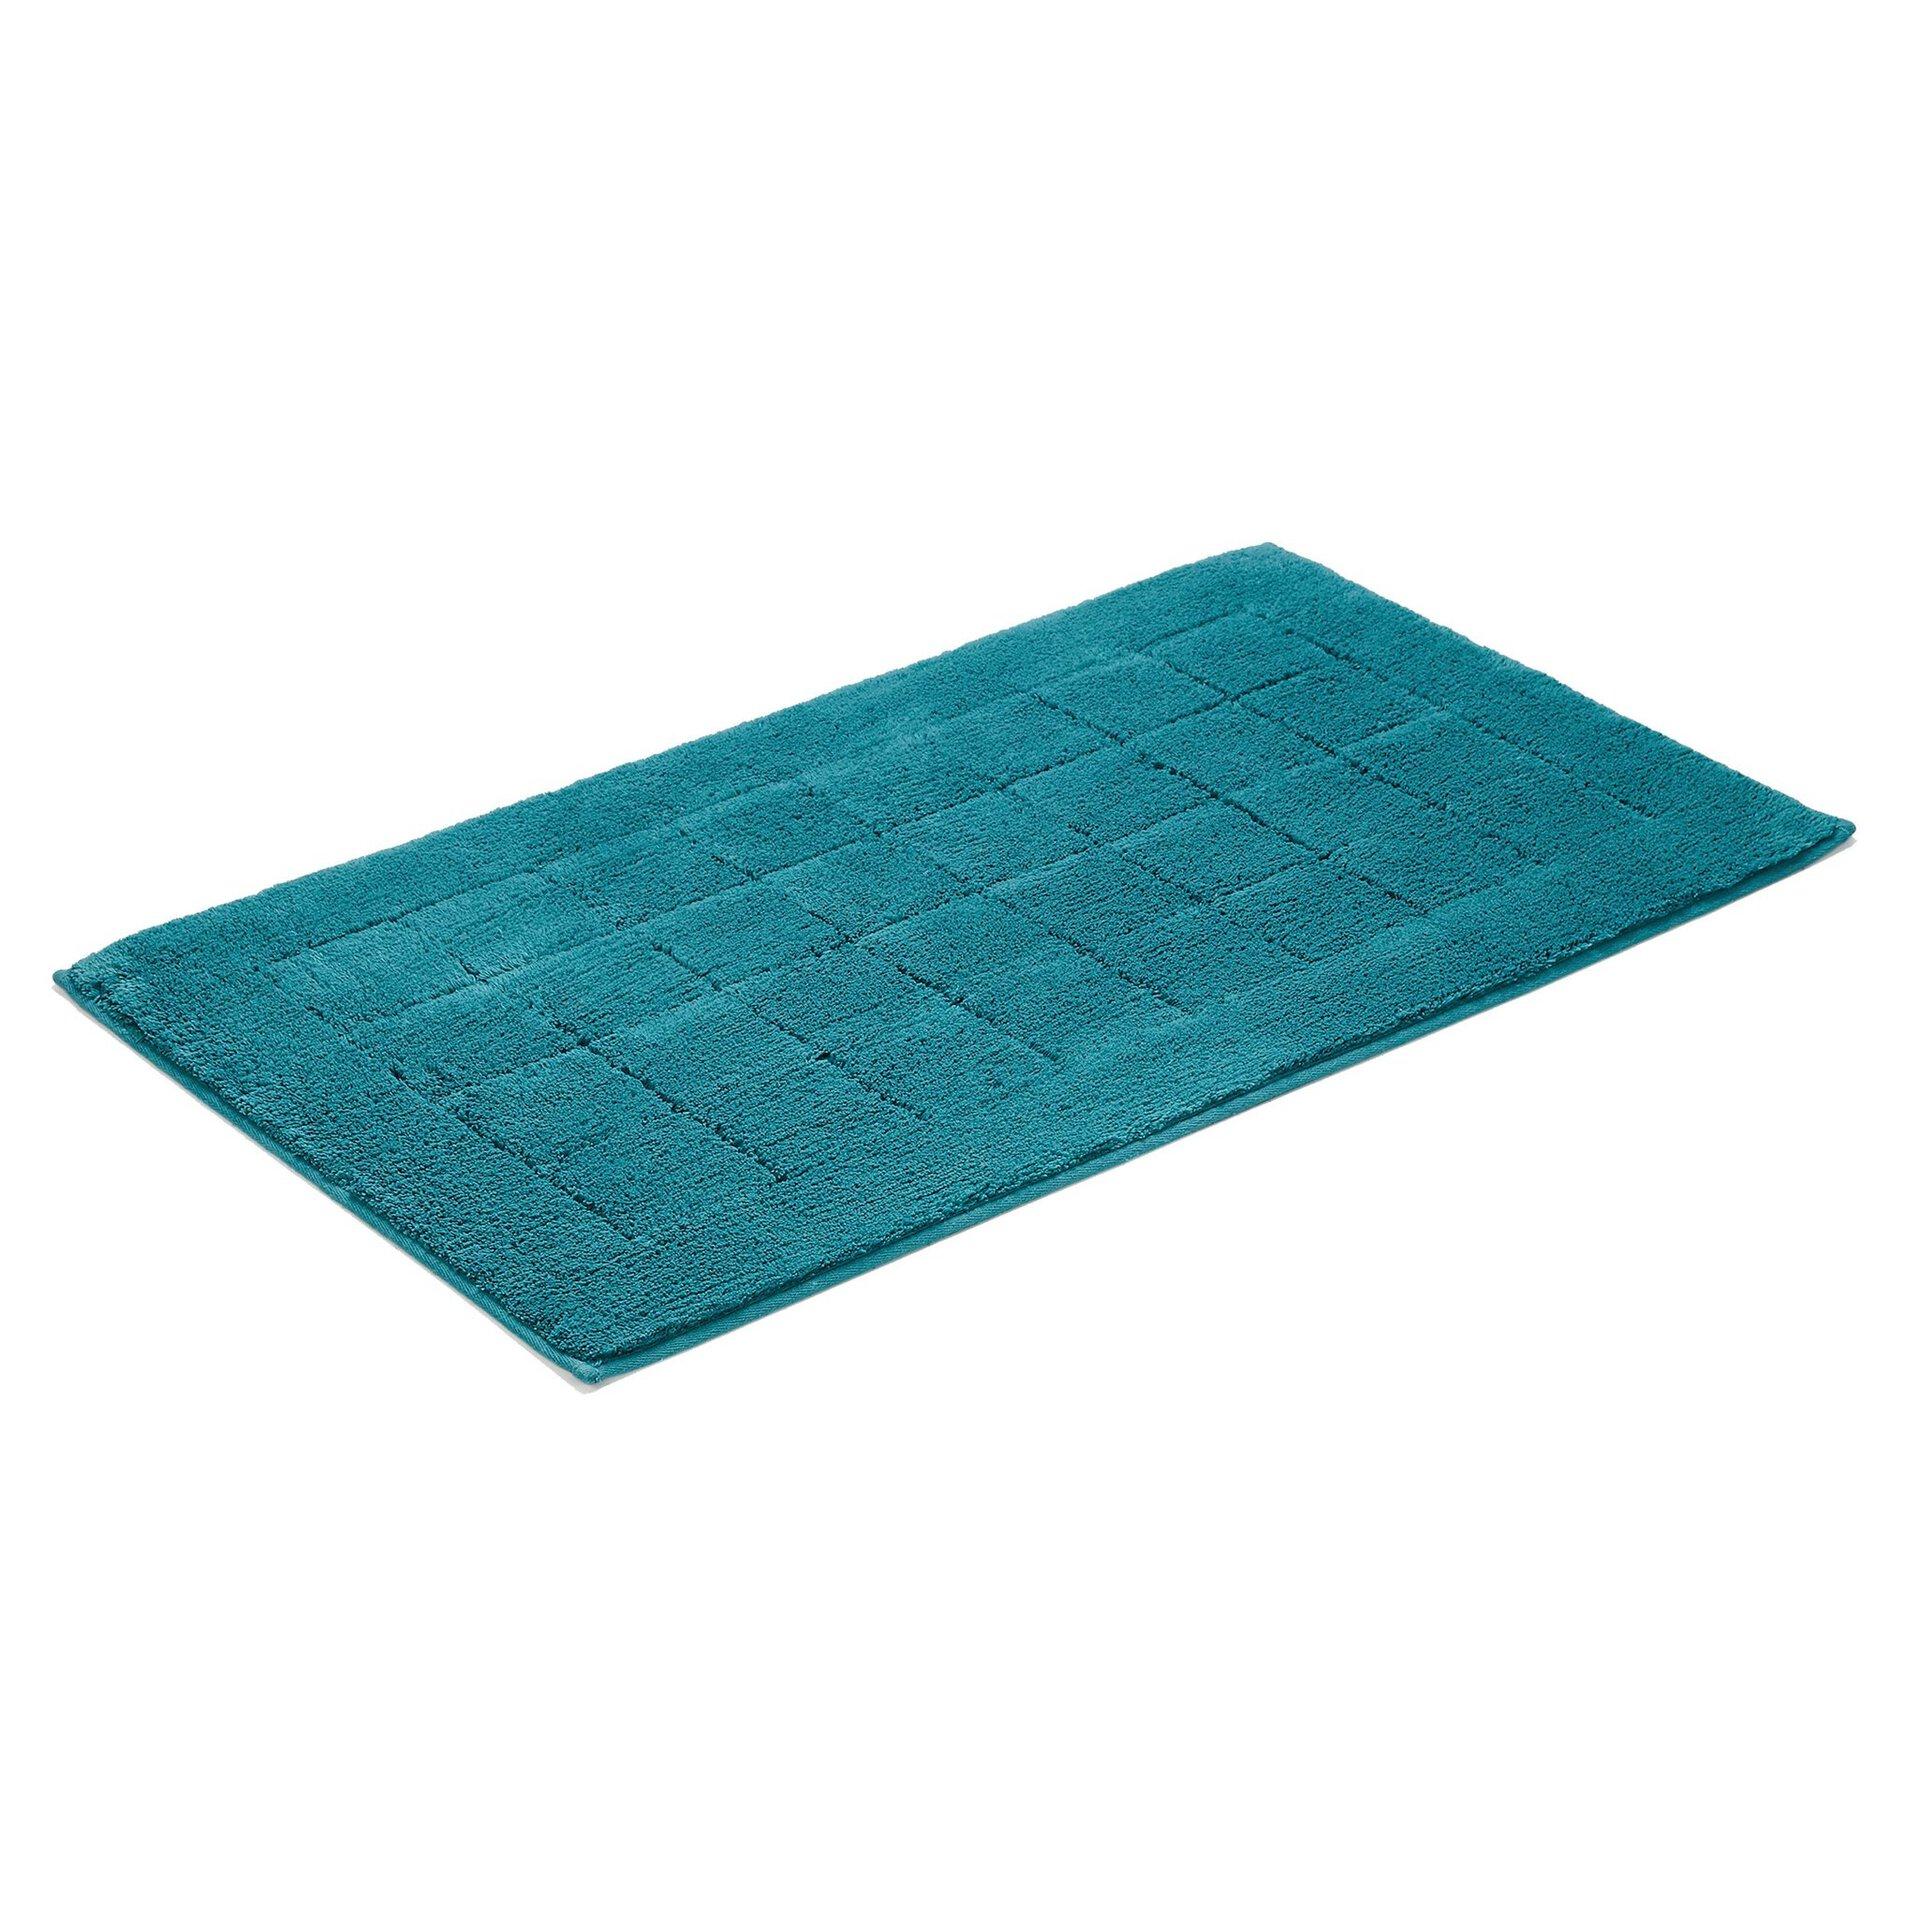 Badteppich Exclusive Vossen Textil 60 x 100 cm